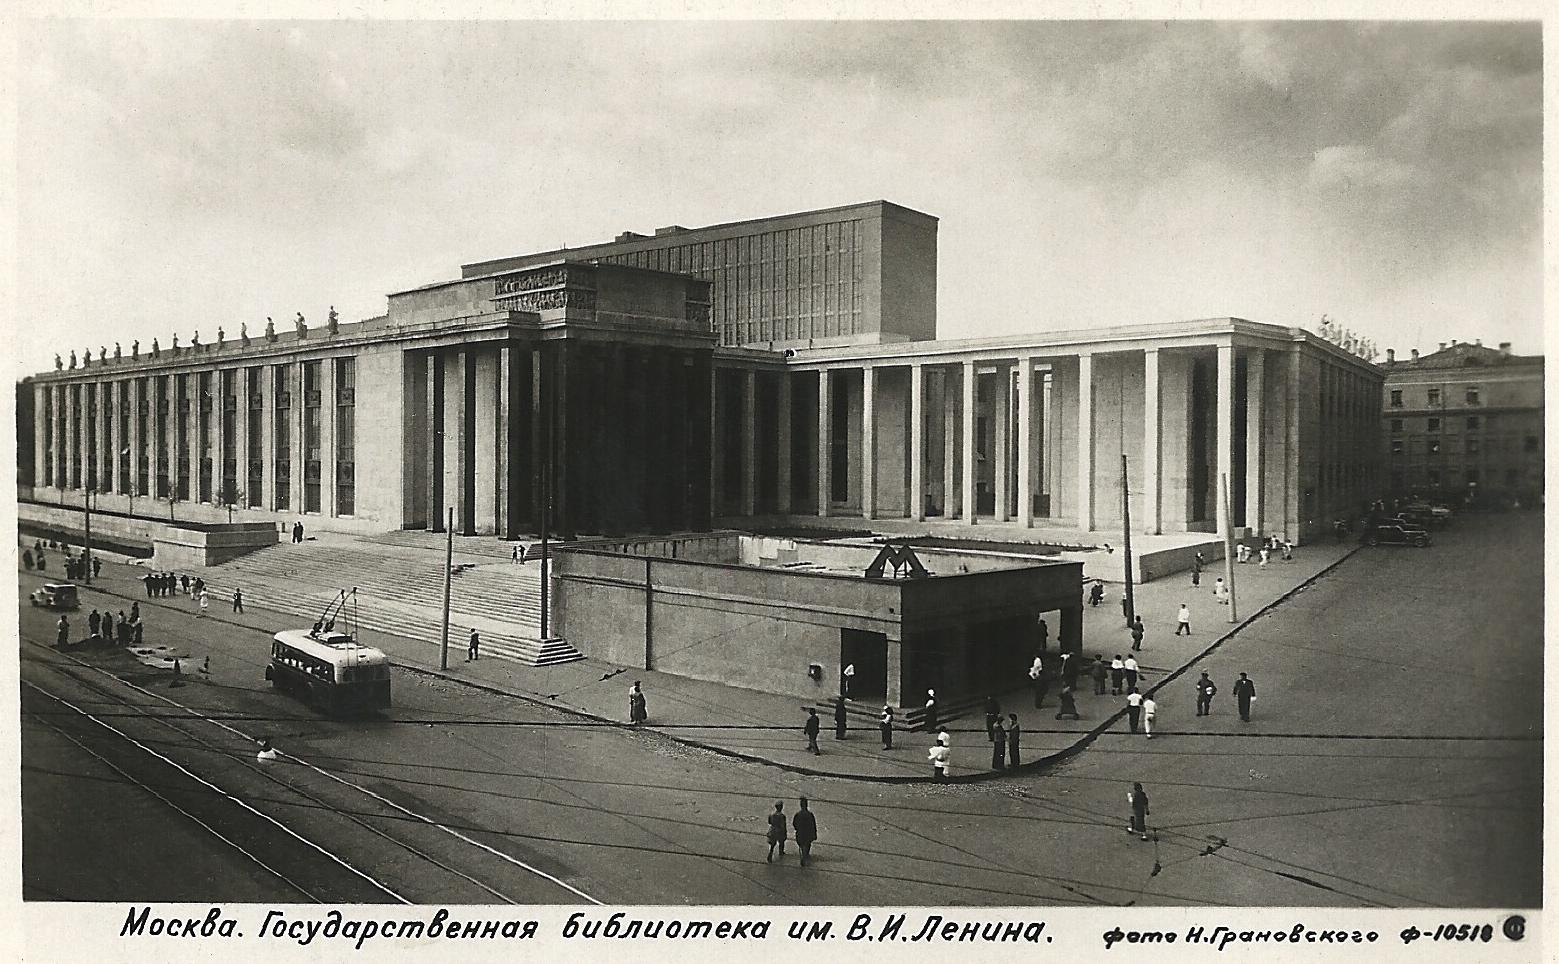 Rosyjska Biblioteka Państwowa w Moskwie